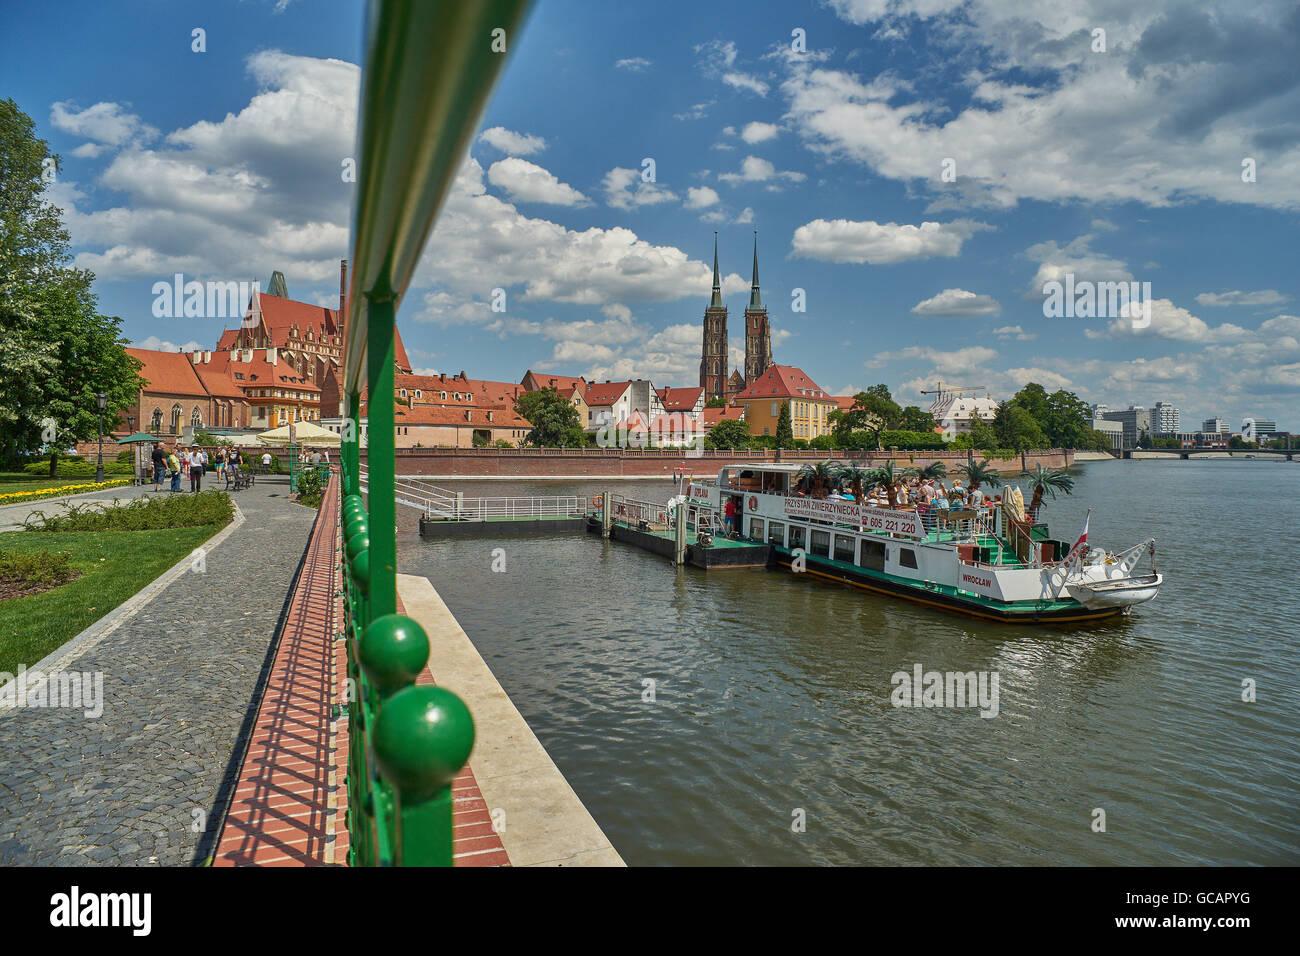 Odra River Ostrow Tumski Wroclaw Wlost Boulevard - Stock Image